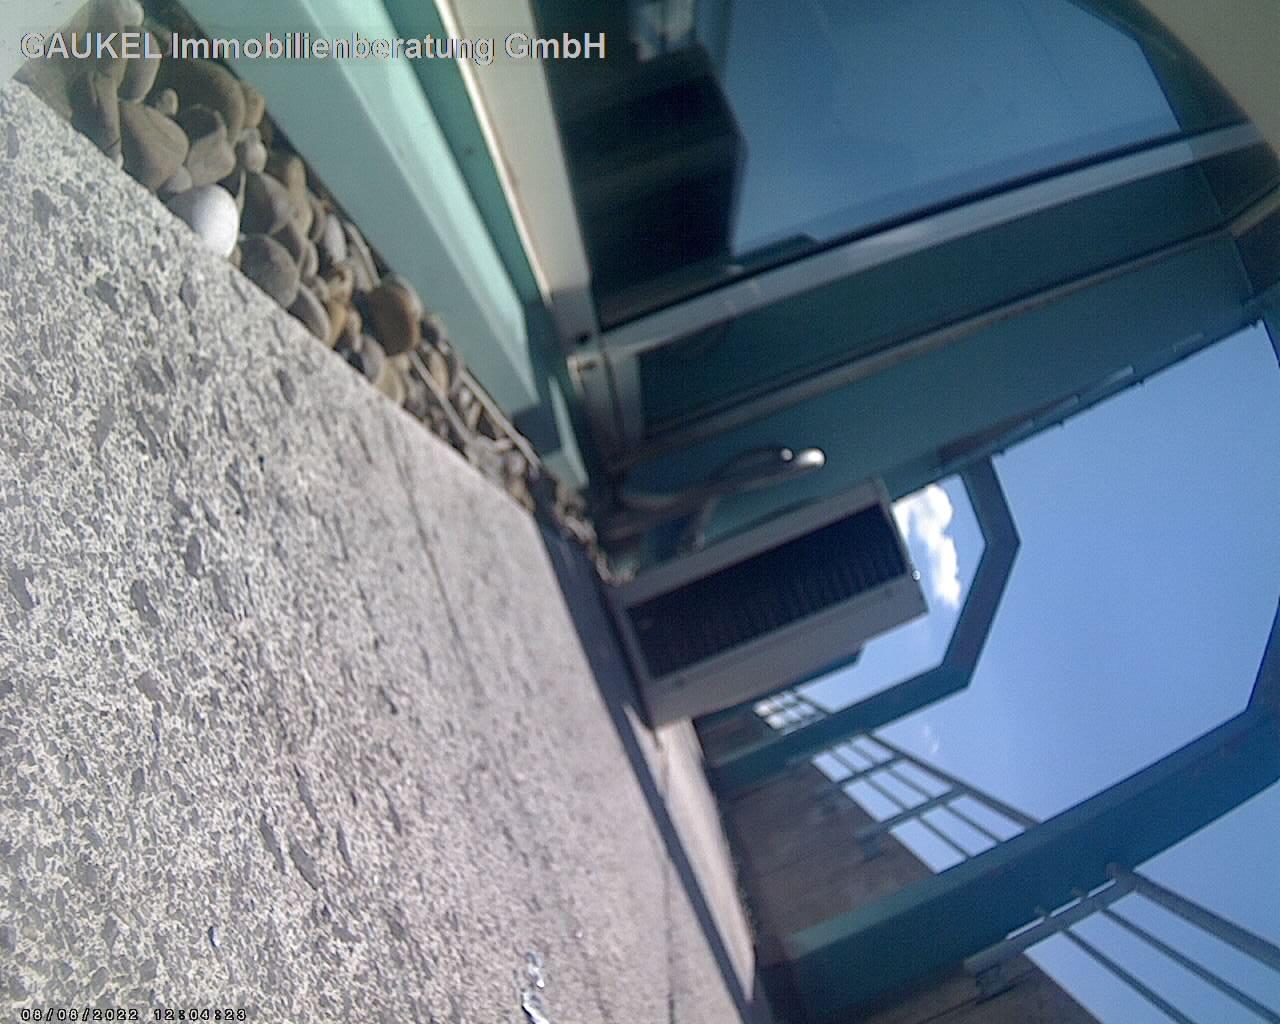 1A-Lage Kempten Webcam GAUKEL Immobilienberatung